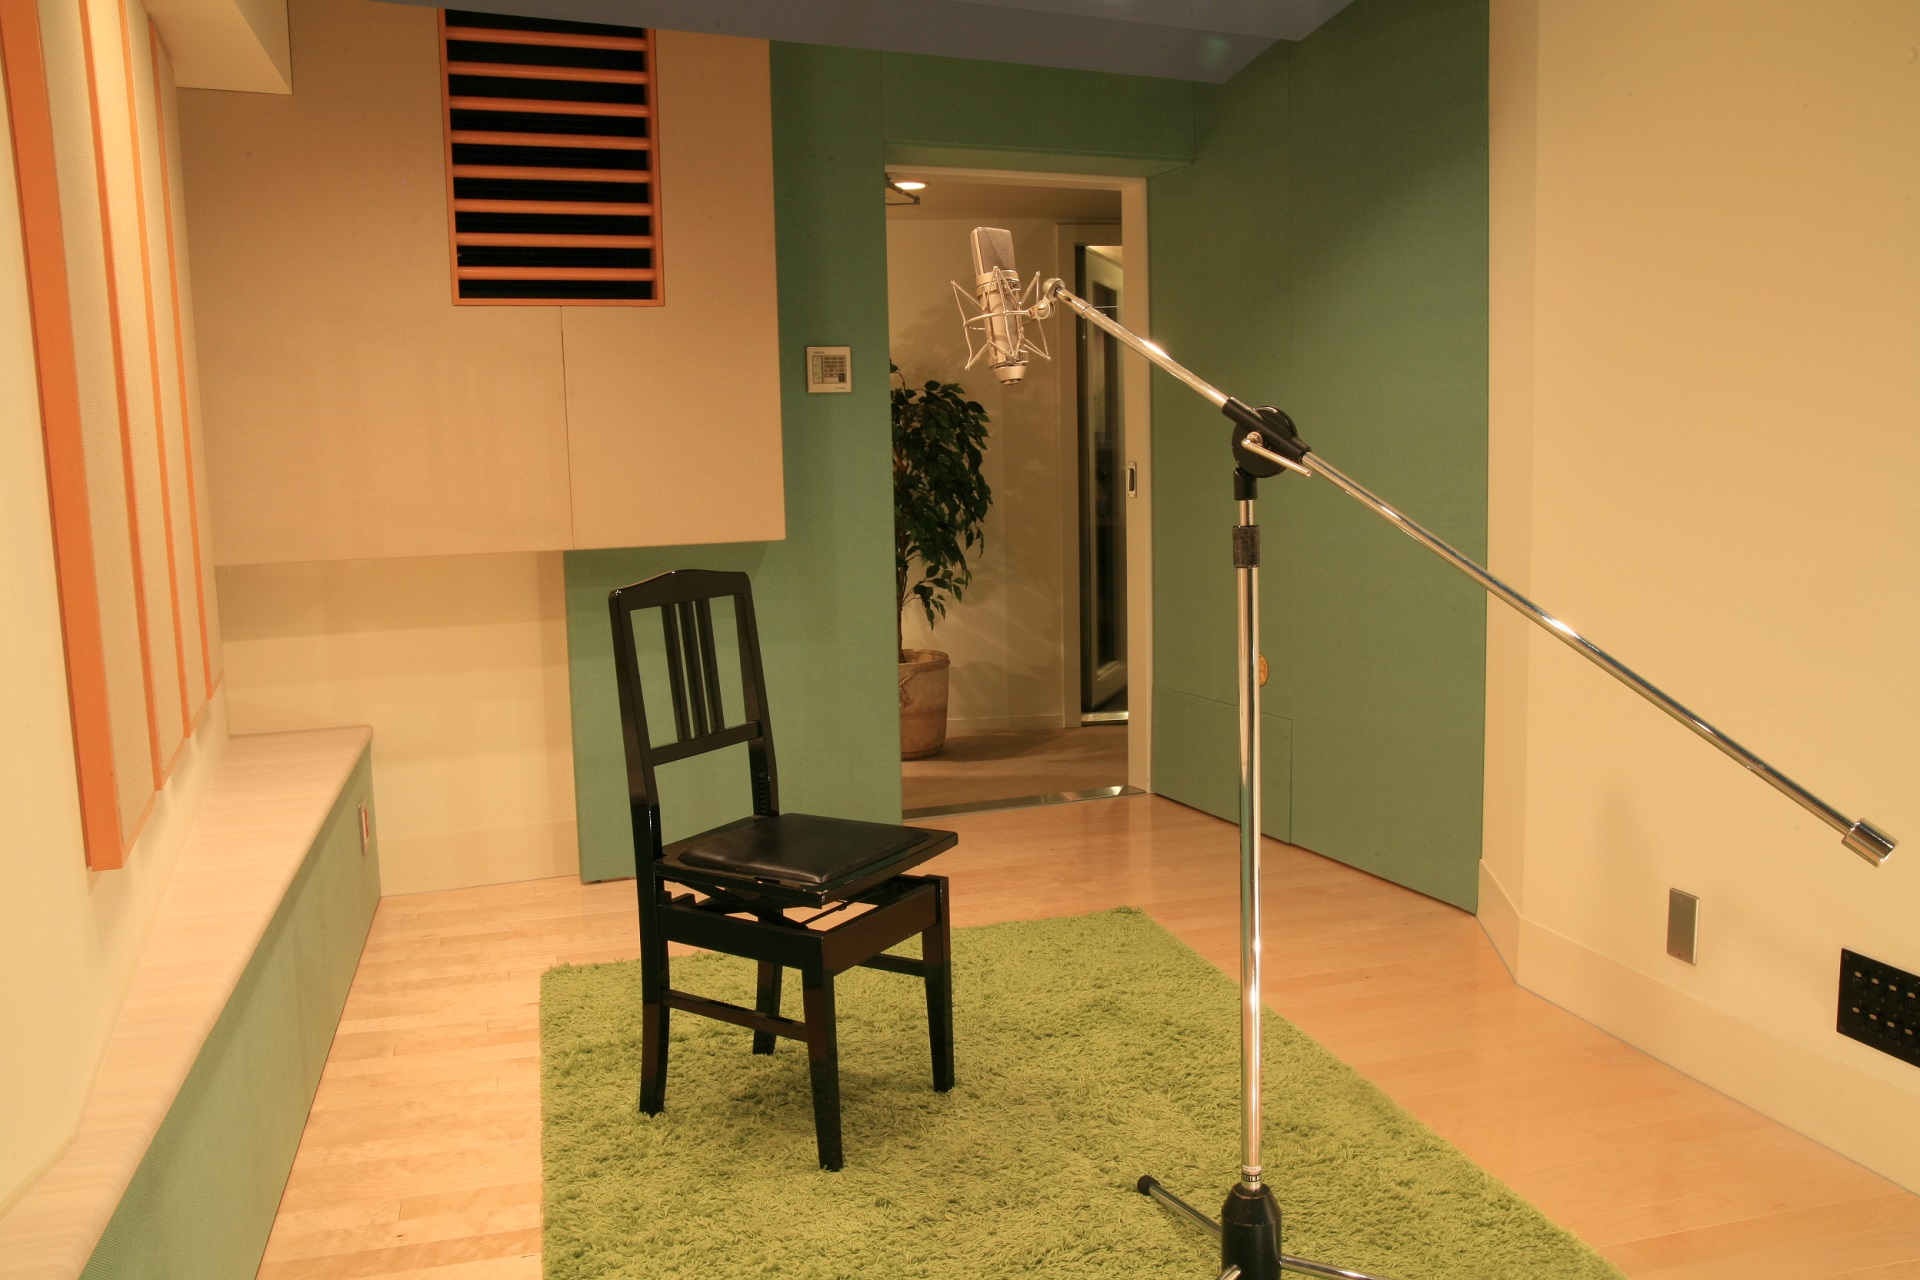 バーニッシュストーンレコーディングスタジオ スタジオ2ブース